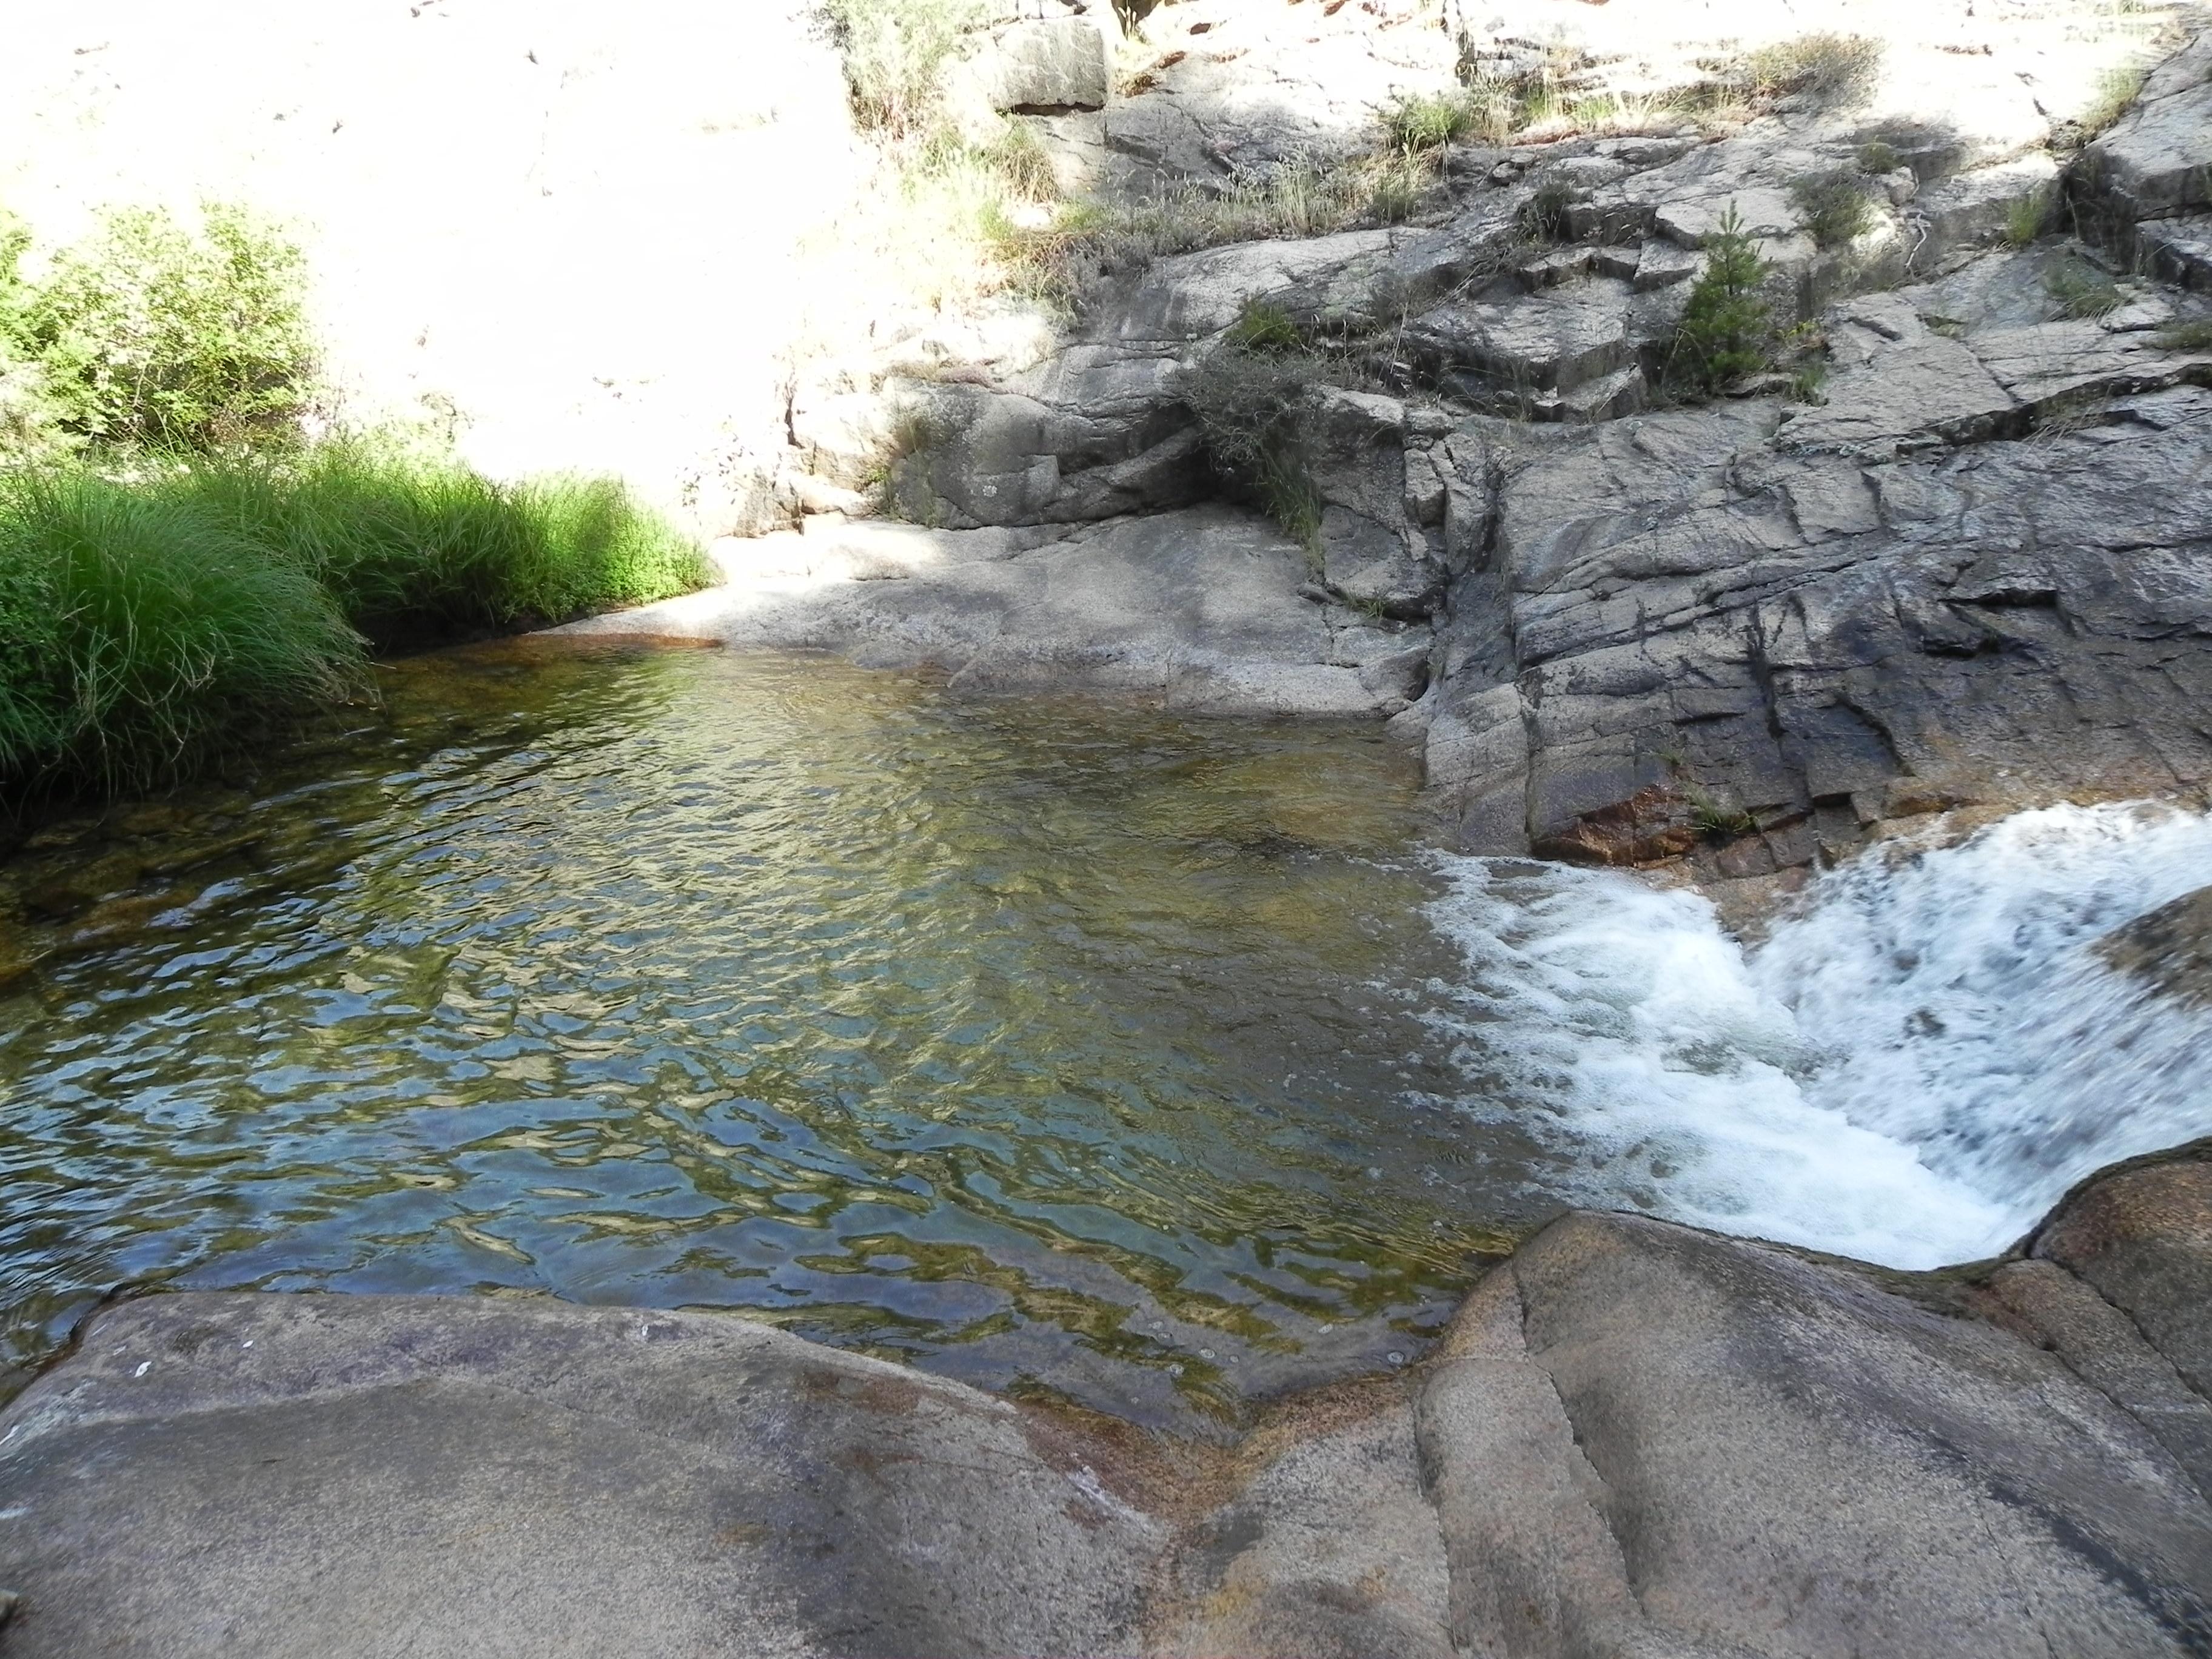 Ruta en la pedriza por las pozas y cascadas del arroyo de for La pedriza piscinas naturales